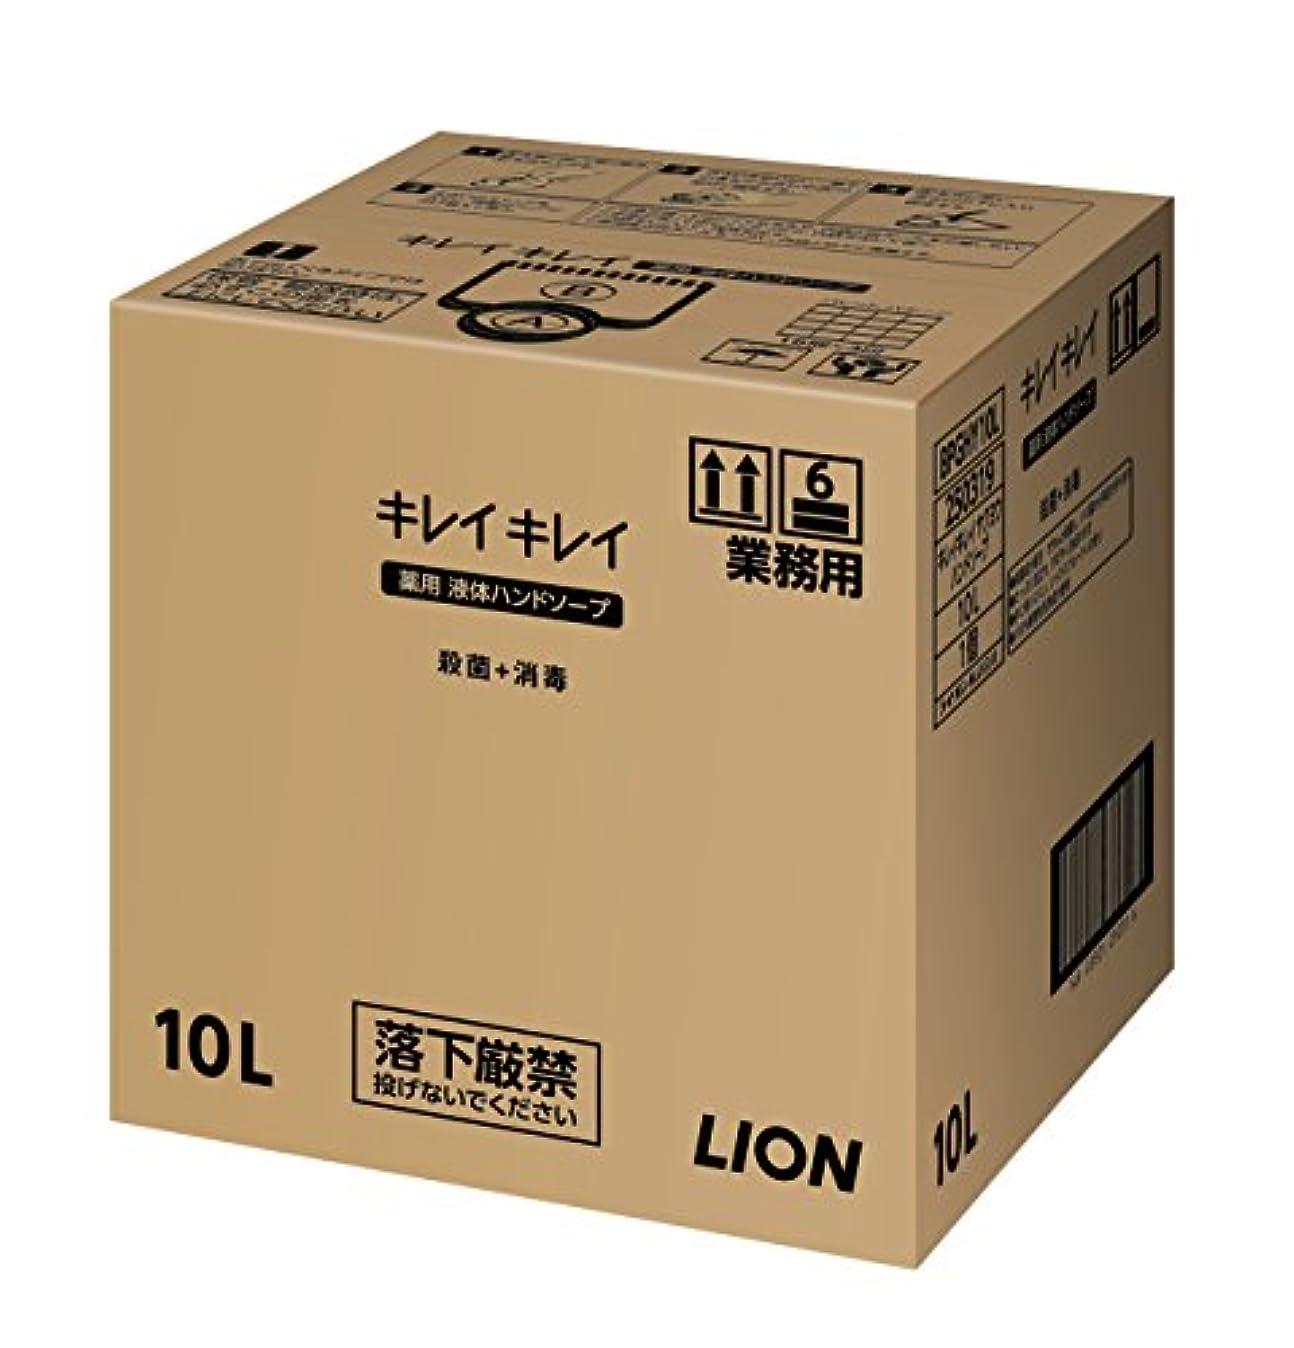 【大容量】キレイキレイ薬用ハンドソープ10L